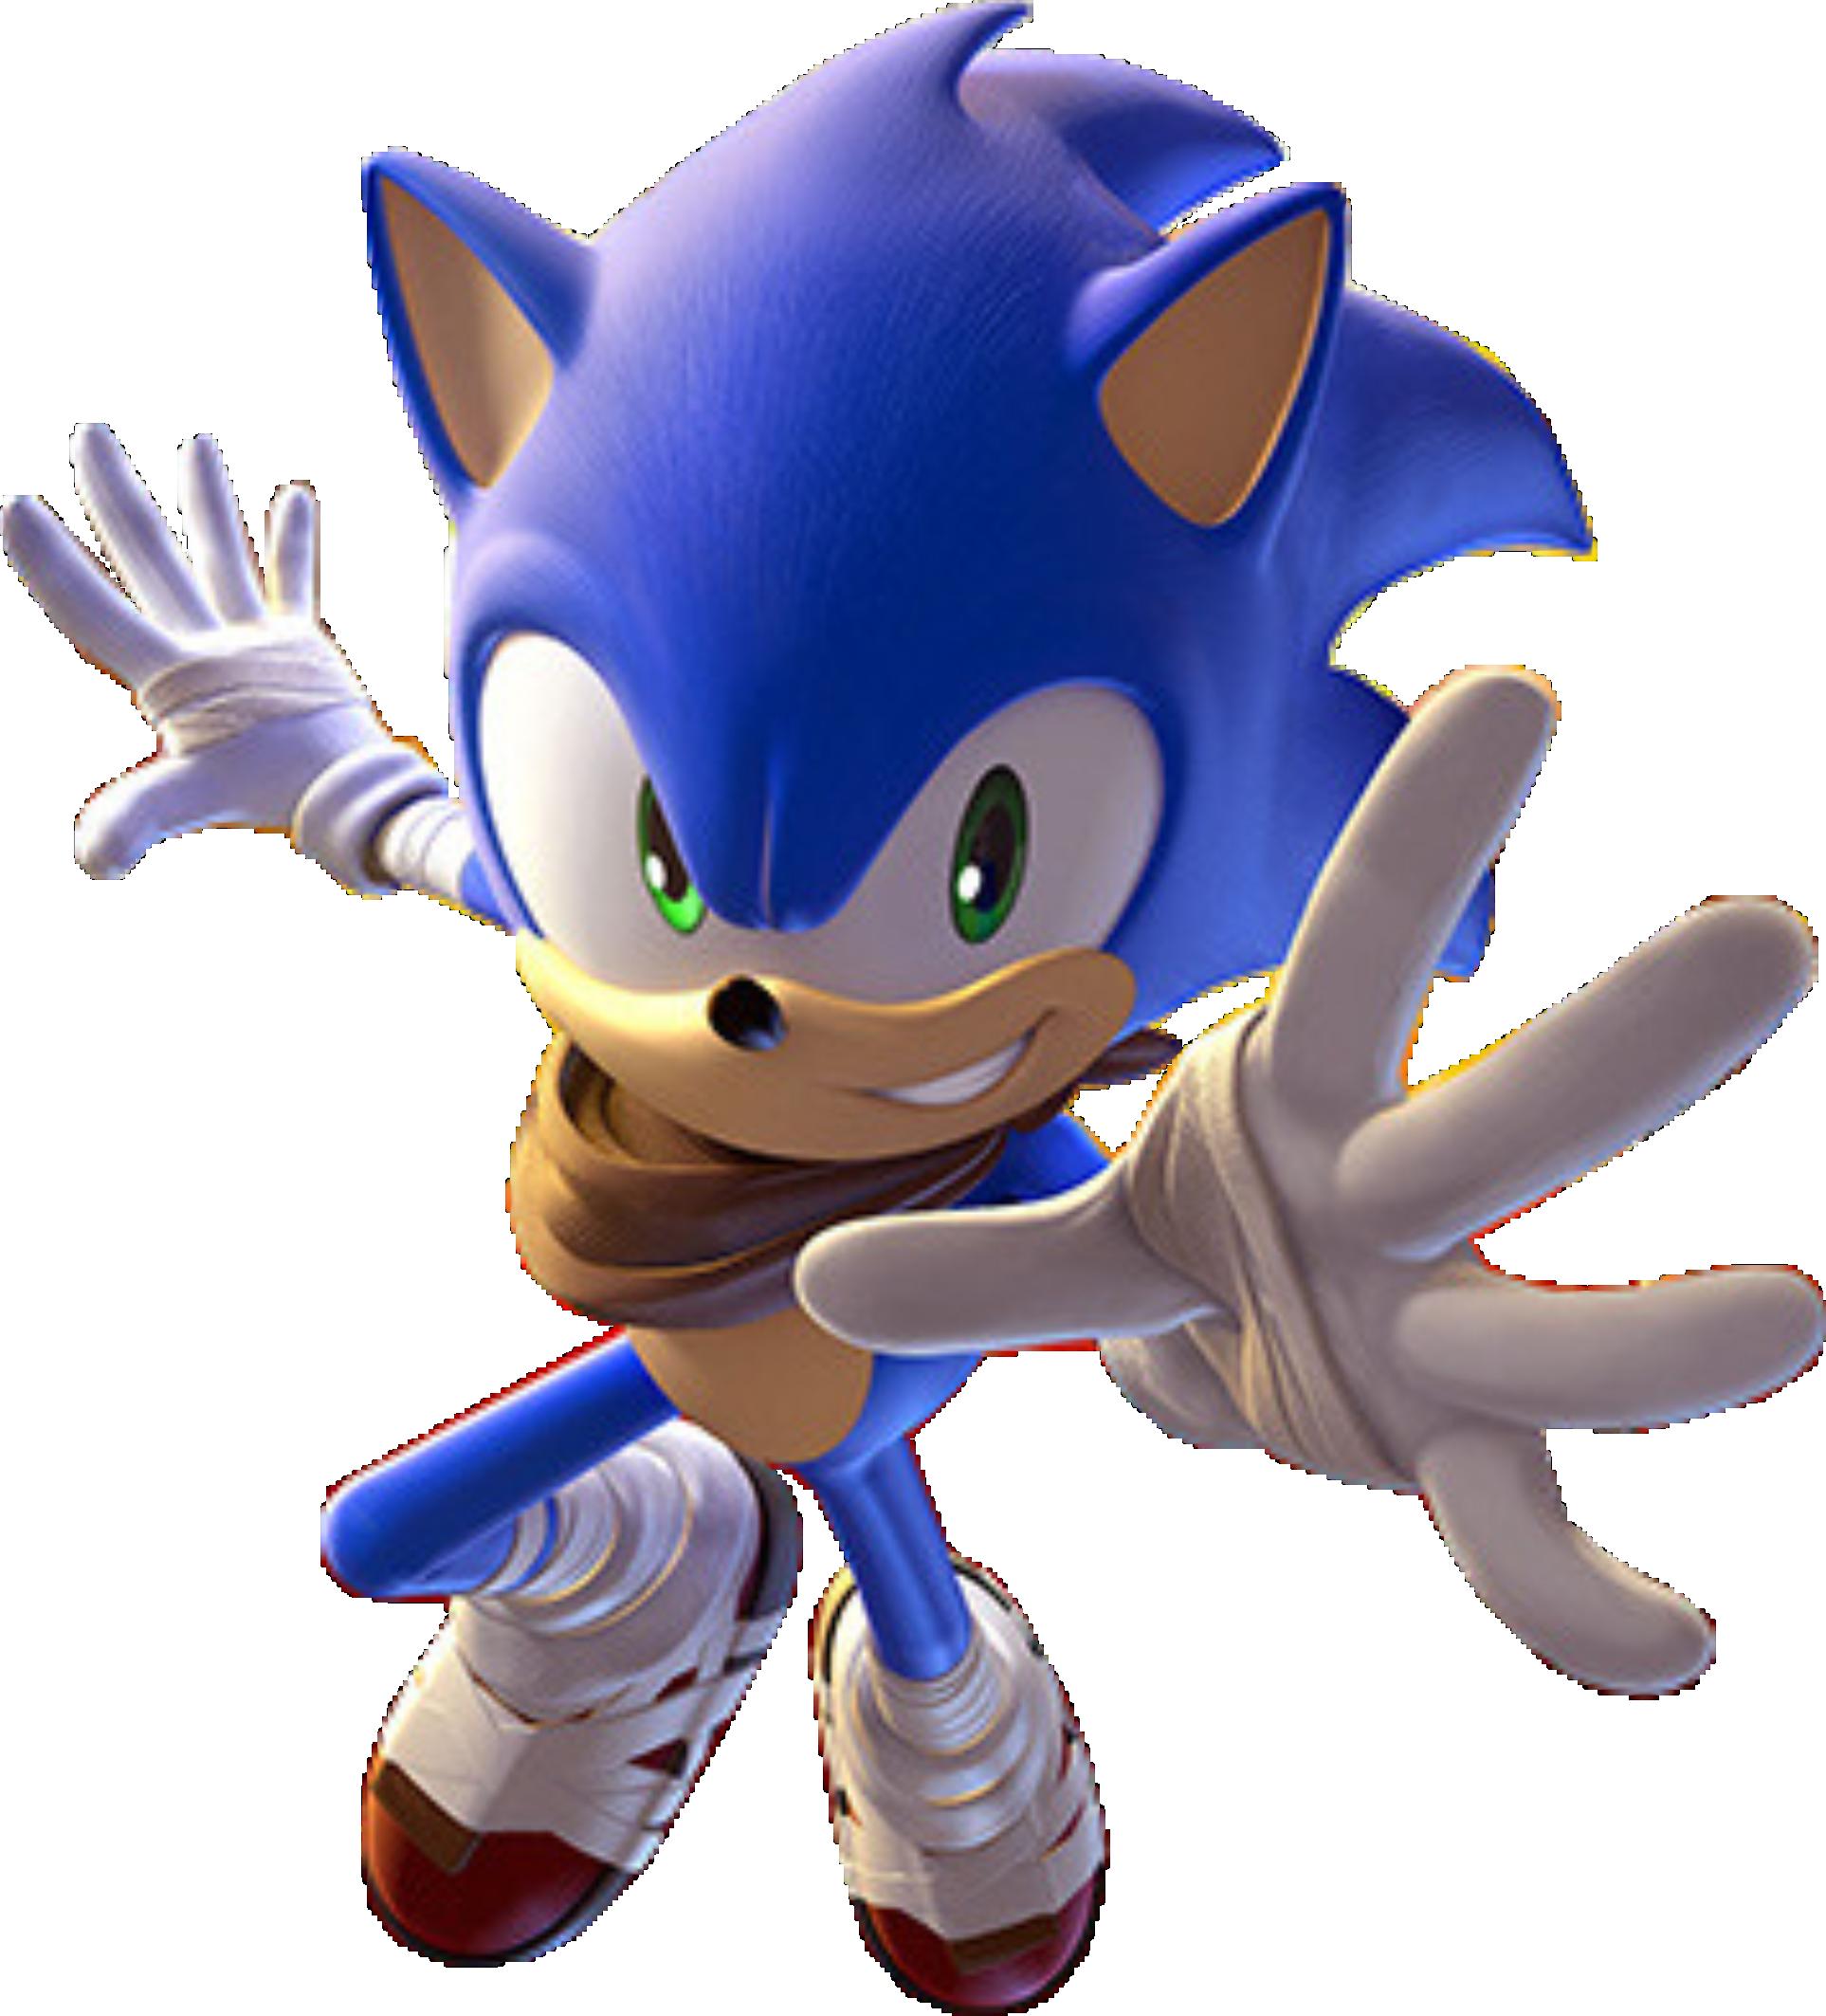 Novo Sonic 5 PNG Imagens E Moldes.com.br